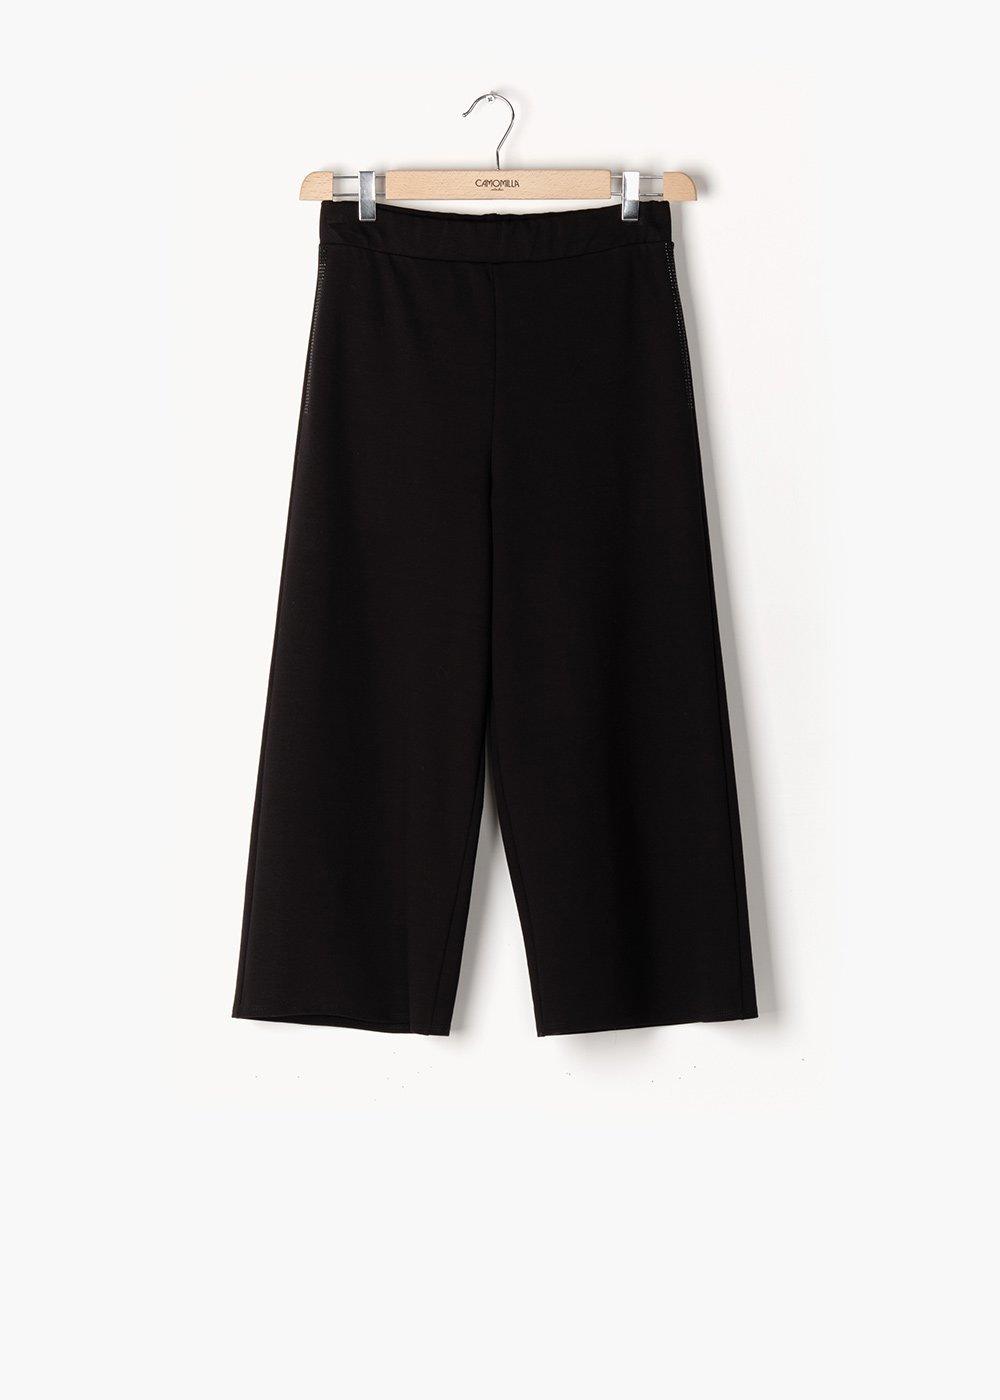 Pantaloni Passione in punto milano a gamba ampia - Black - Donna